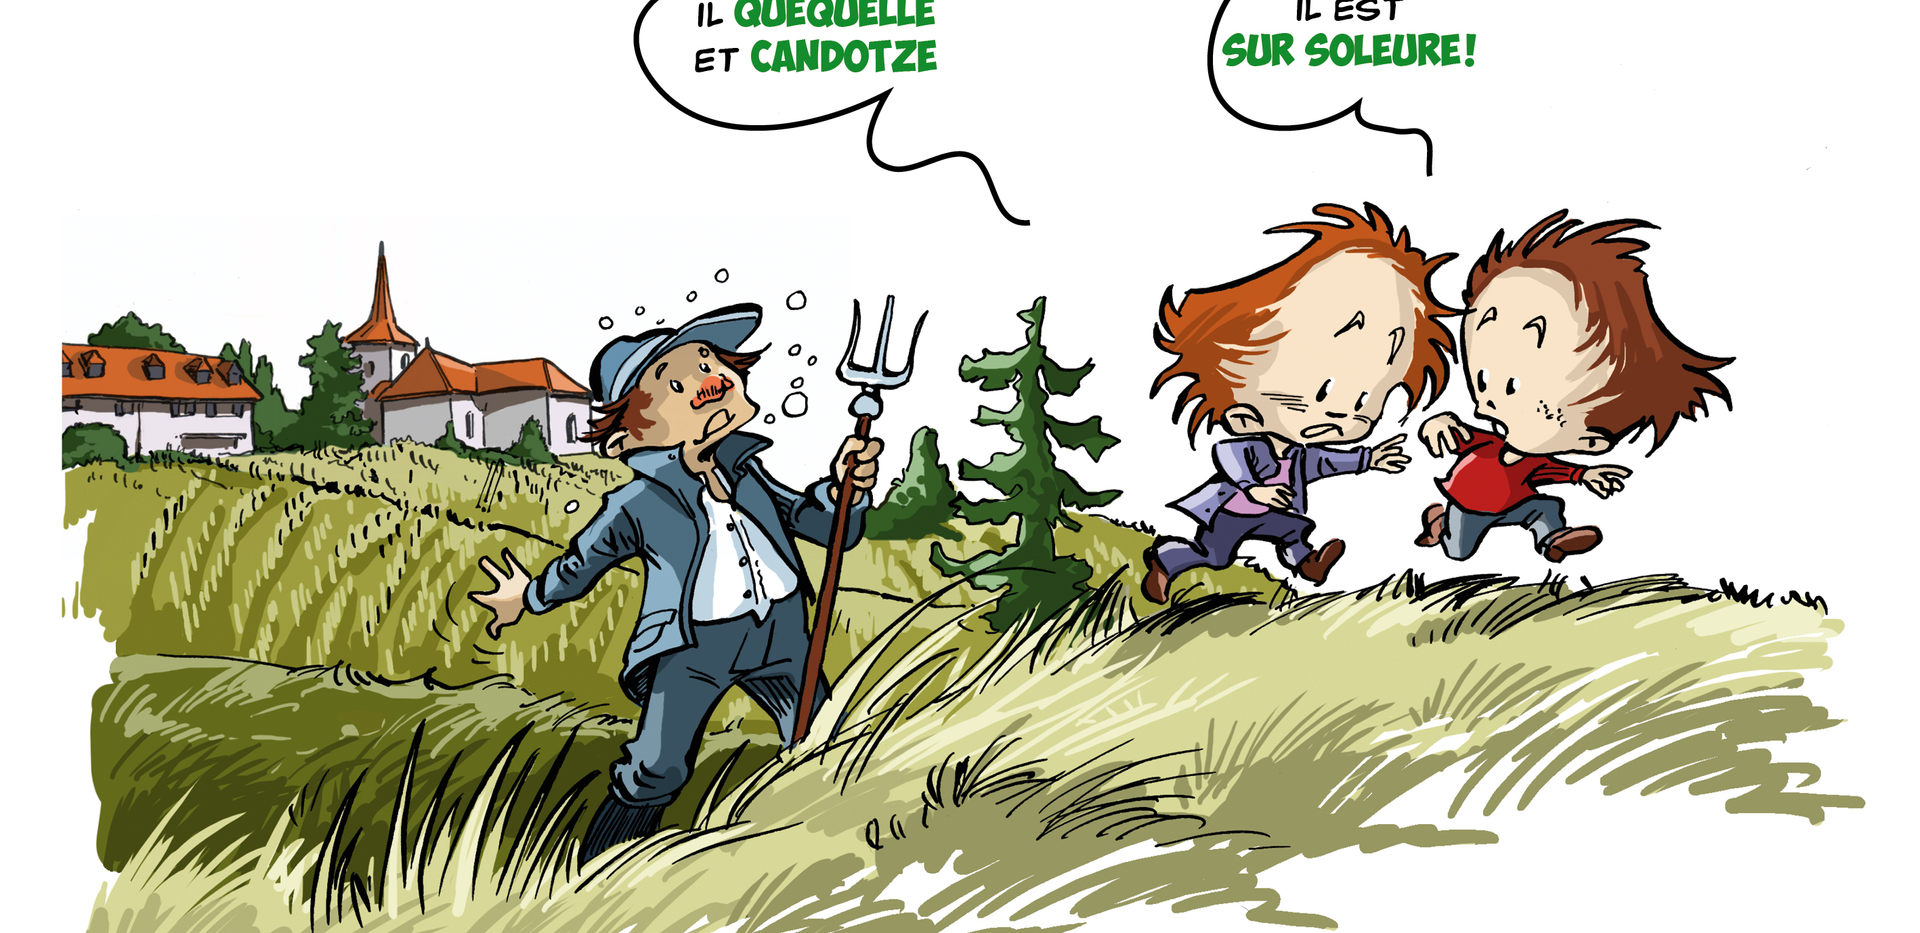 Vaudoiseries-image3.jpg